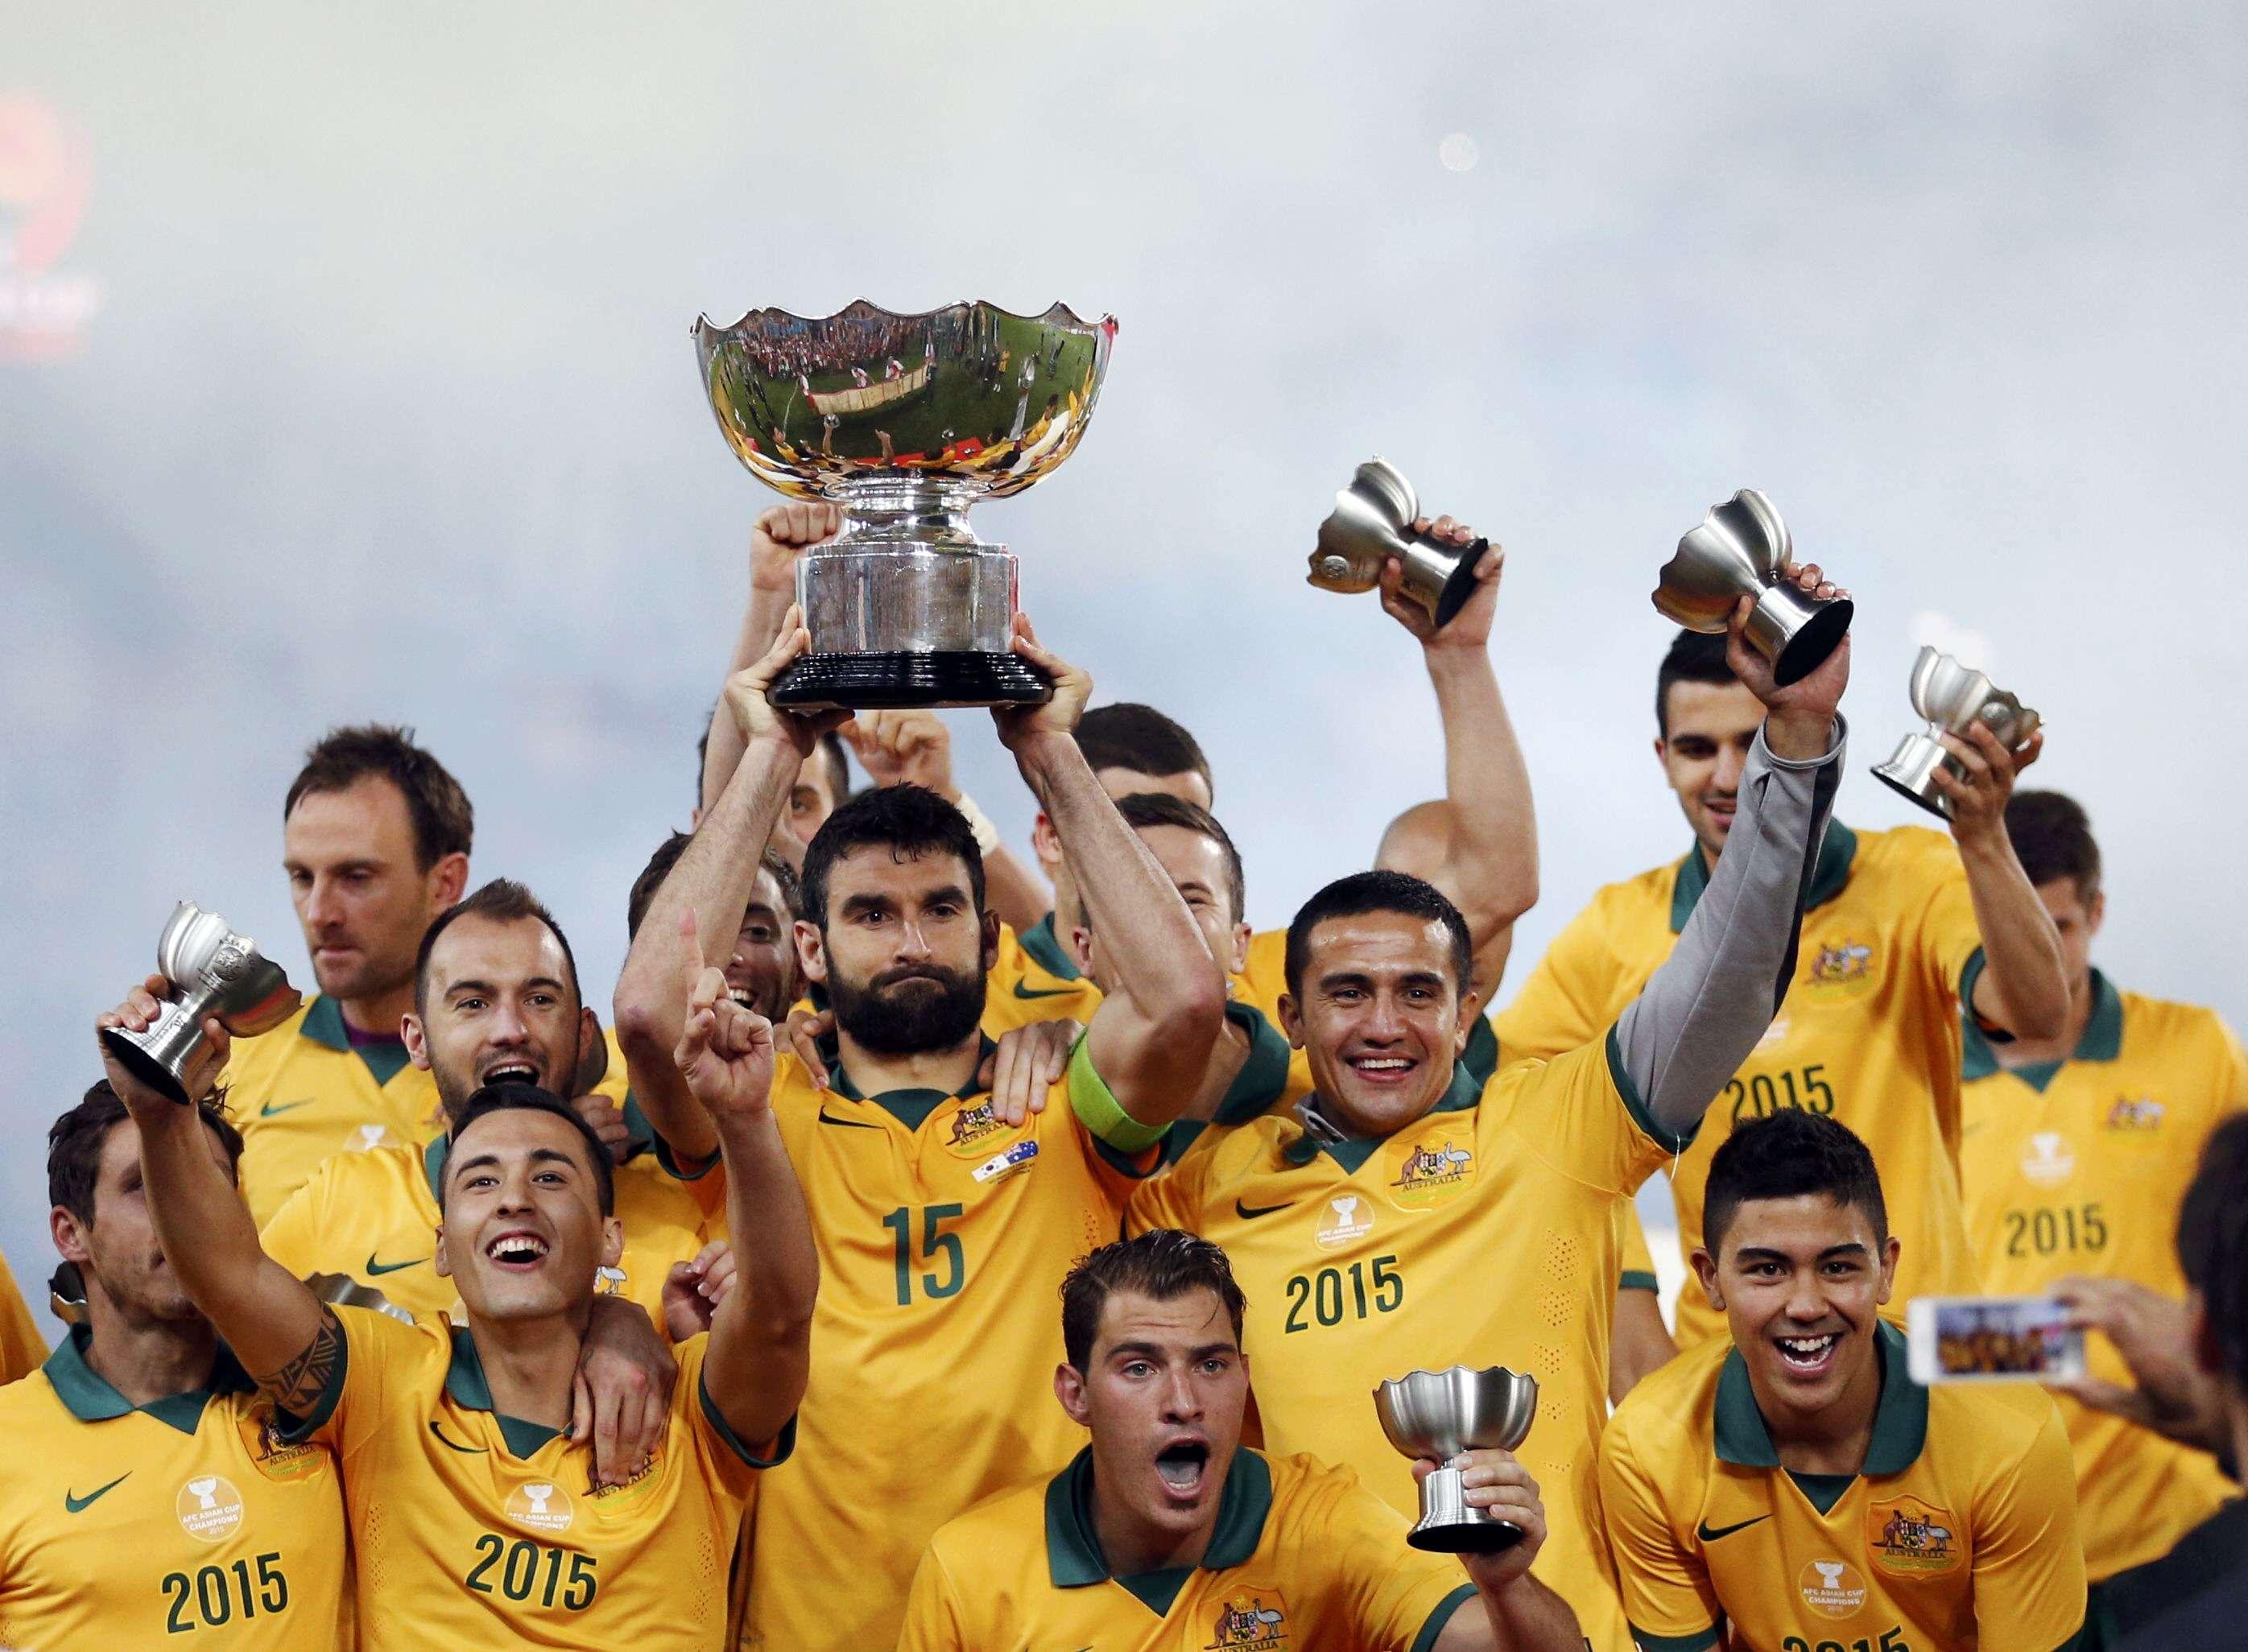 Jogadores da Austrália levantam o troféu da Copa da Ásia Foto: Tim Wimborne/Reuters